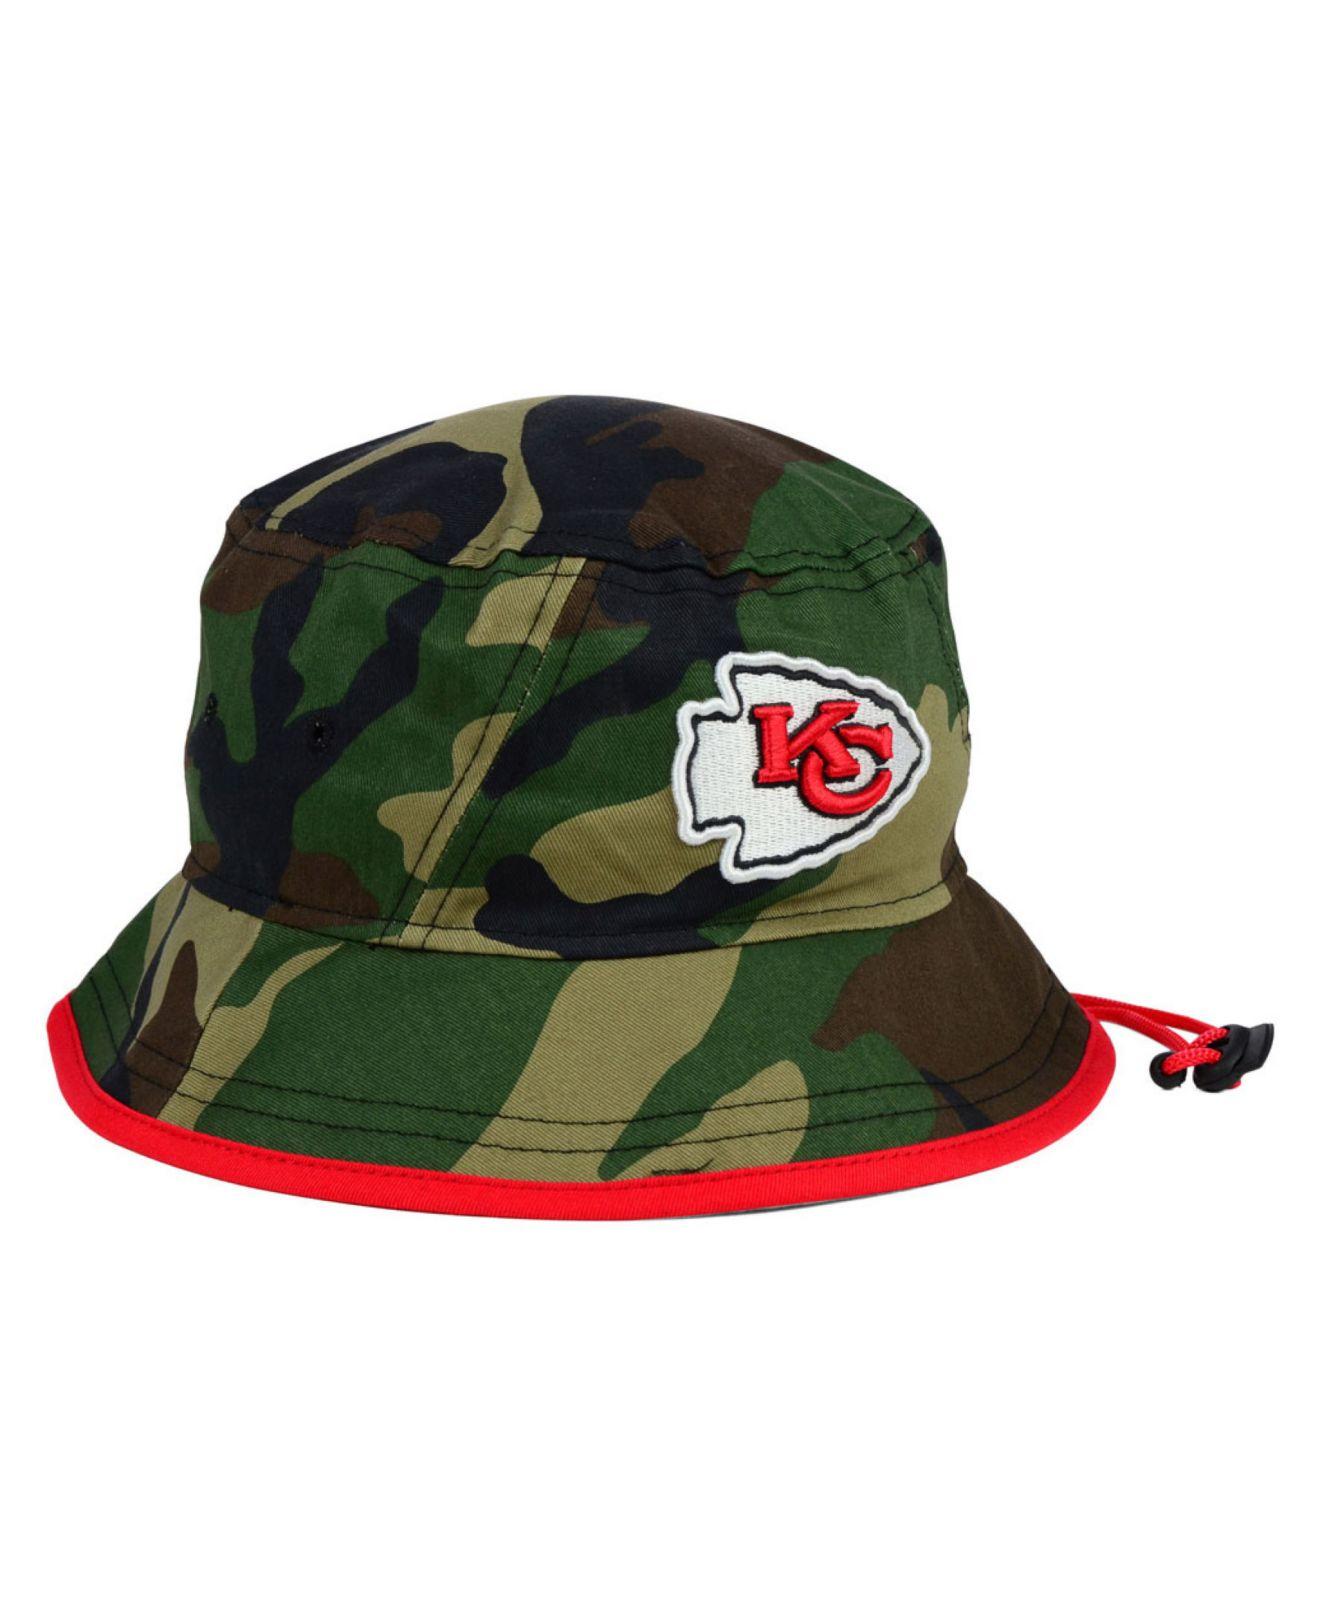 a305a0a81 Lyst - KTZ Kansas City Chiefs Camo Pop Bucket Hat in Green for Men